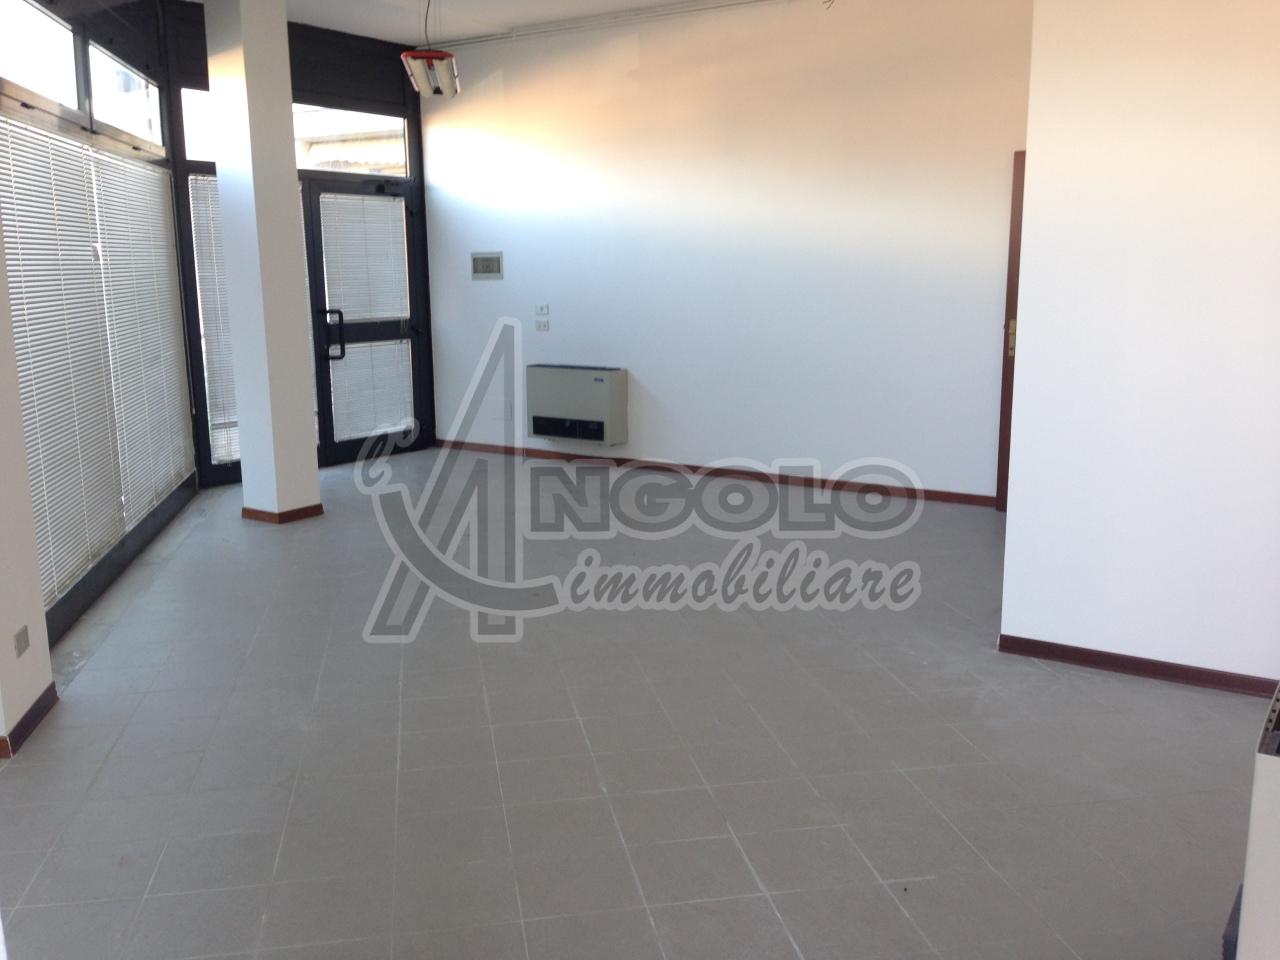 Negozio / Locale in affitto a Occhiobello, 9999 locali, prezzo € 280   CambioCasa.it